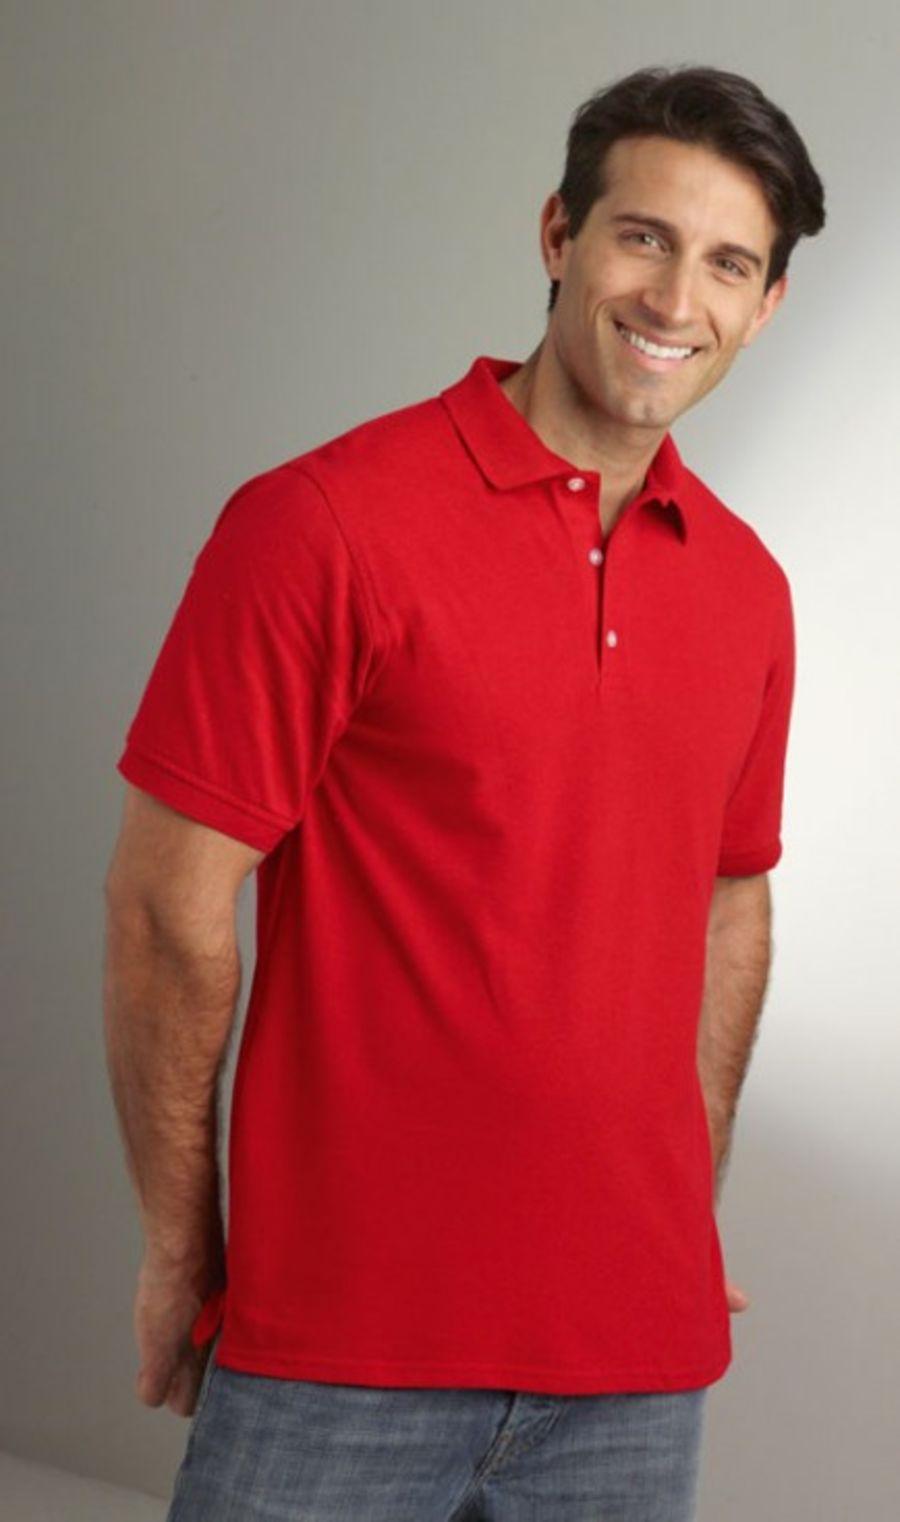 Gildan Premium Pique Polo Shirt